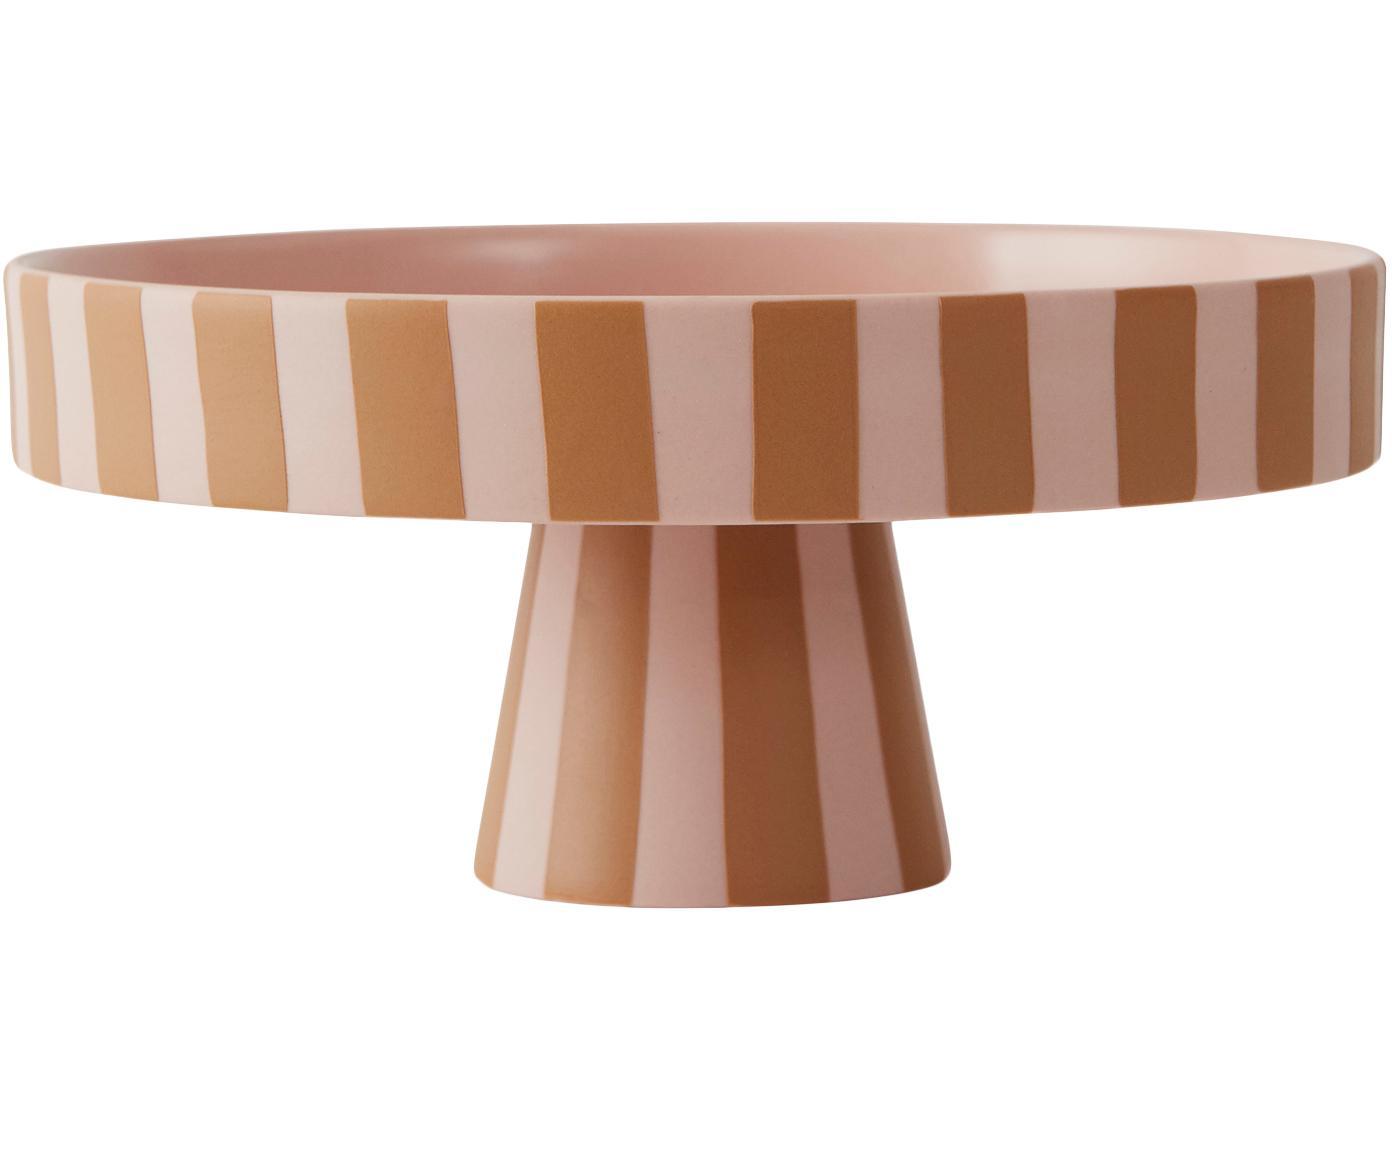 Mała patera na tort Toppu, Ceramika, Karmelowy brązowy, blady różowy, Ø 20 x W 9 cm